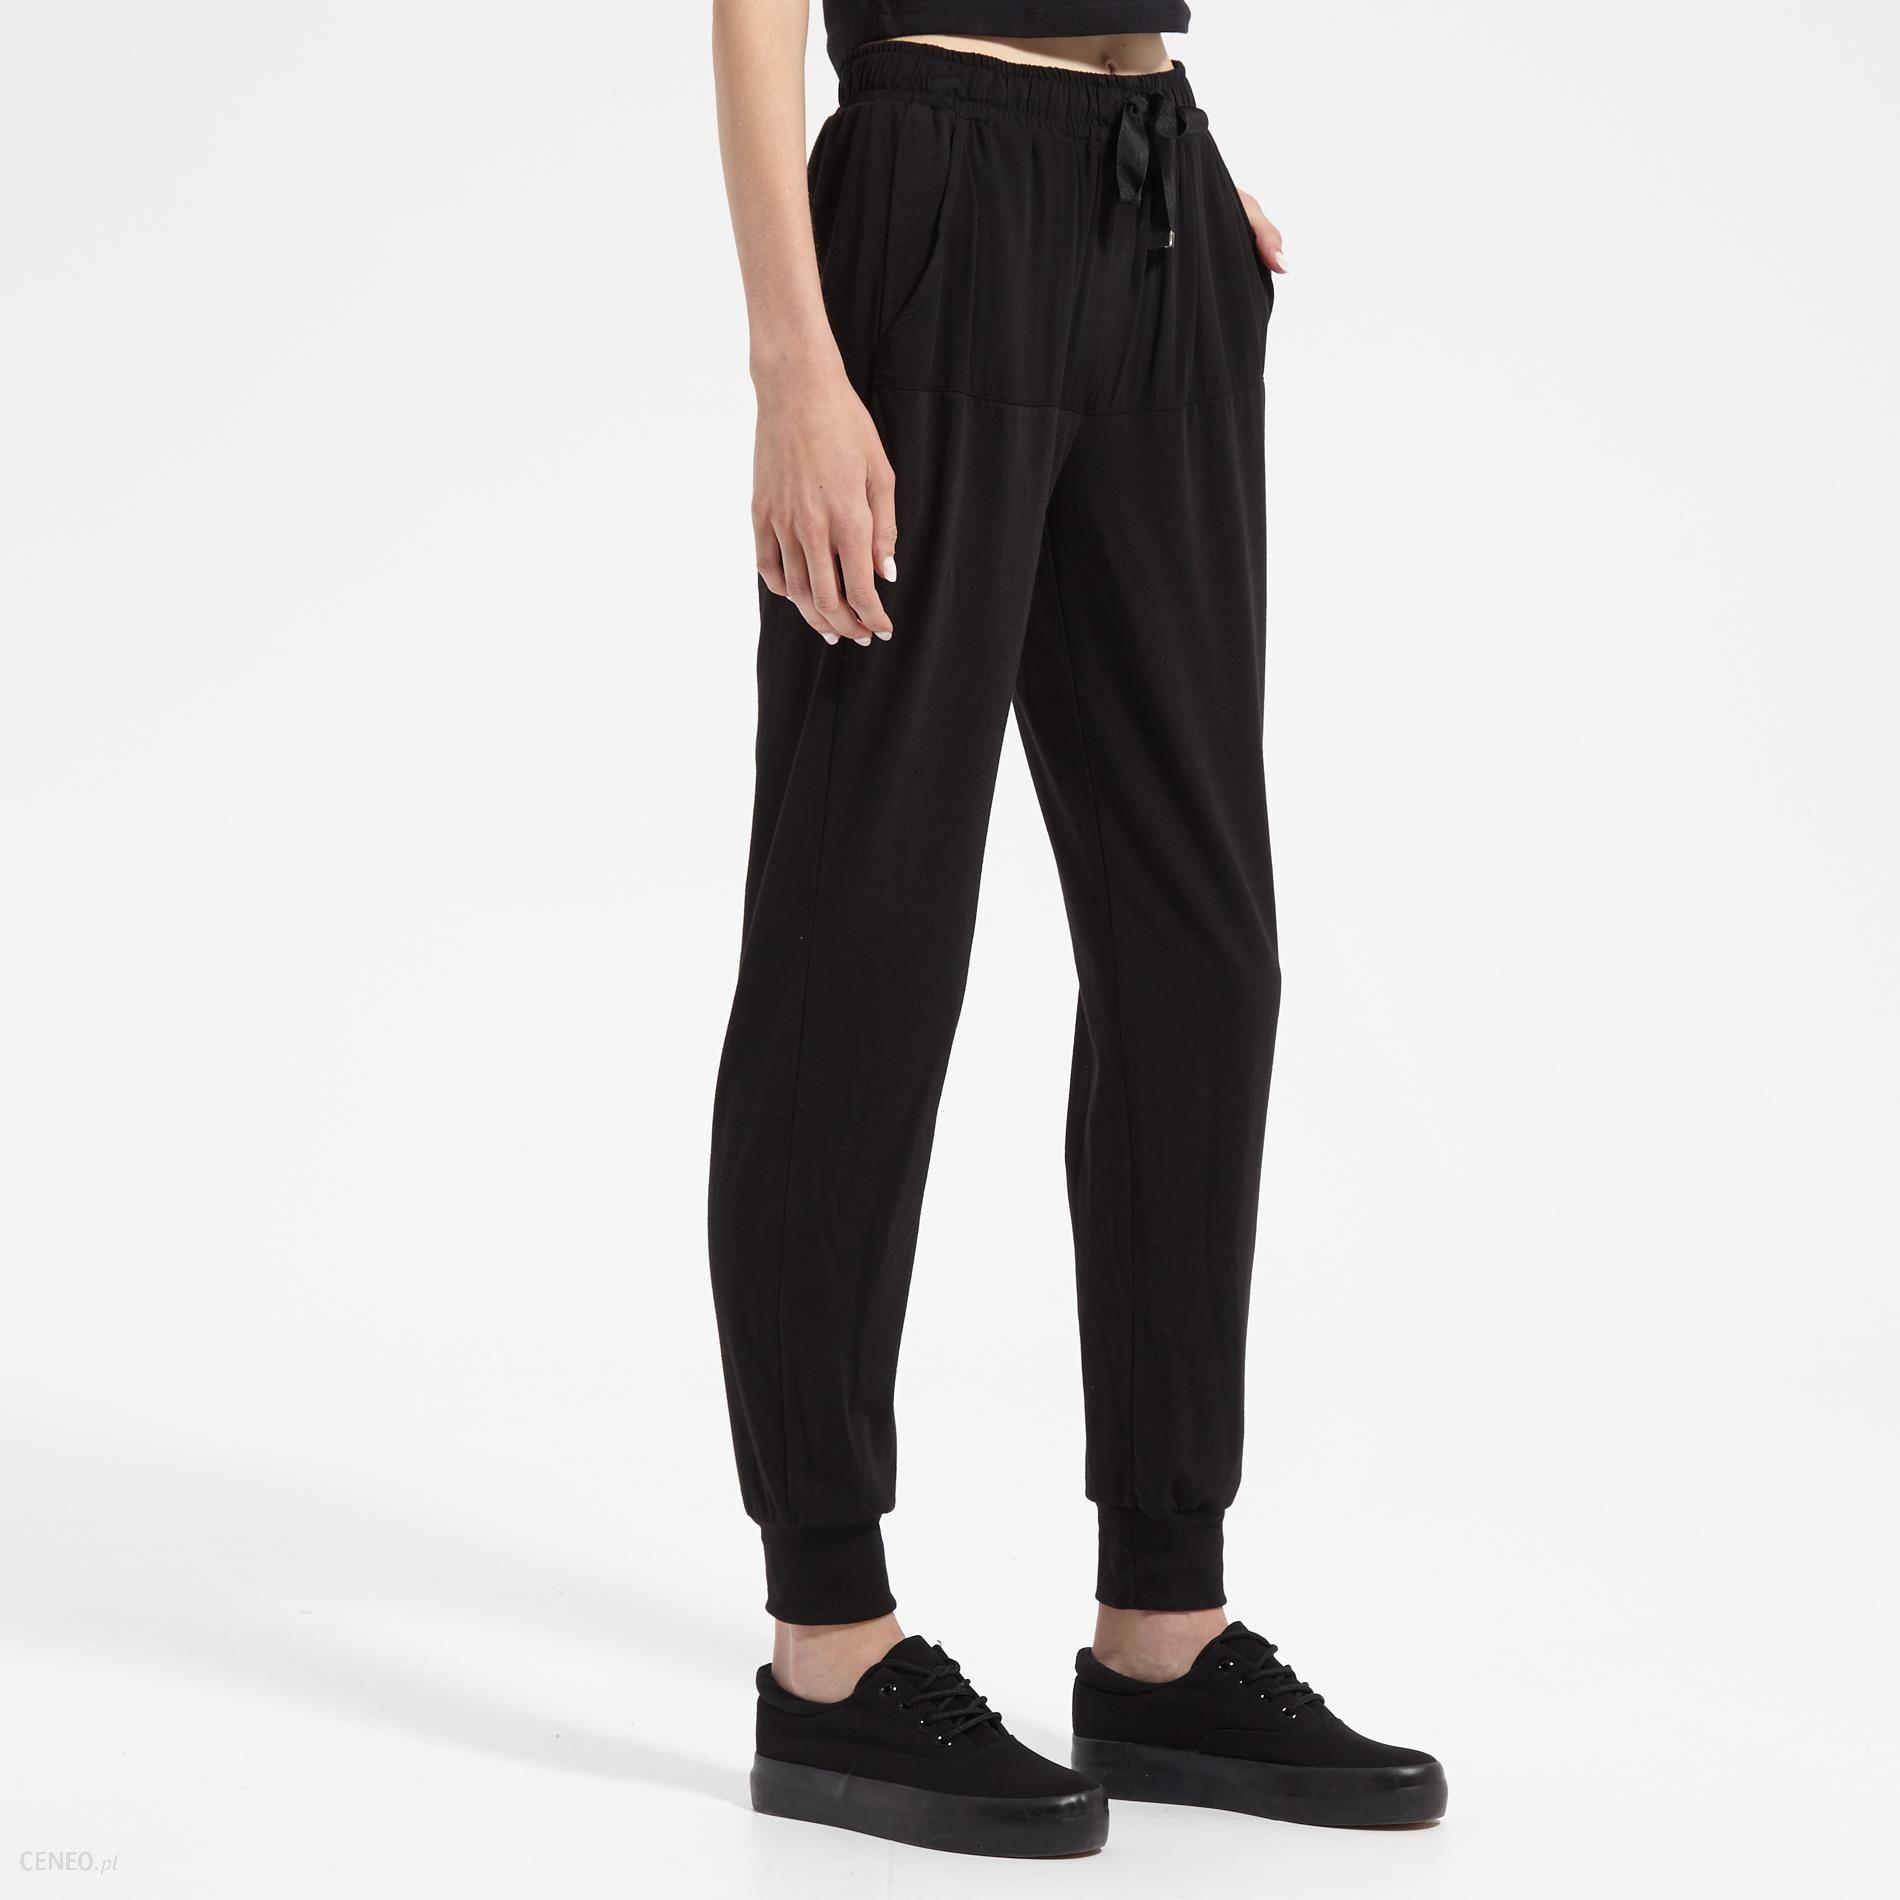 ed0bc0eb Sinsay - Luźne spodnie z kieszeniami - Czarny - damska